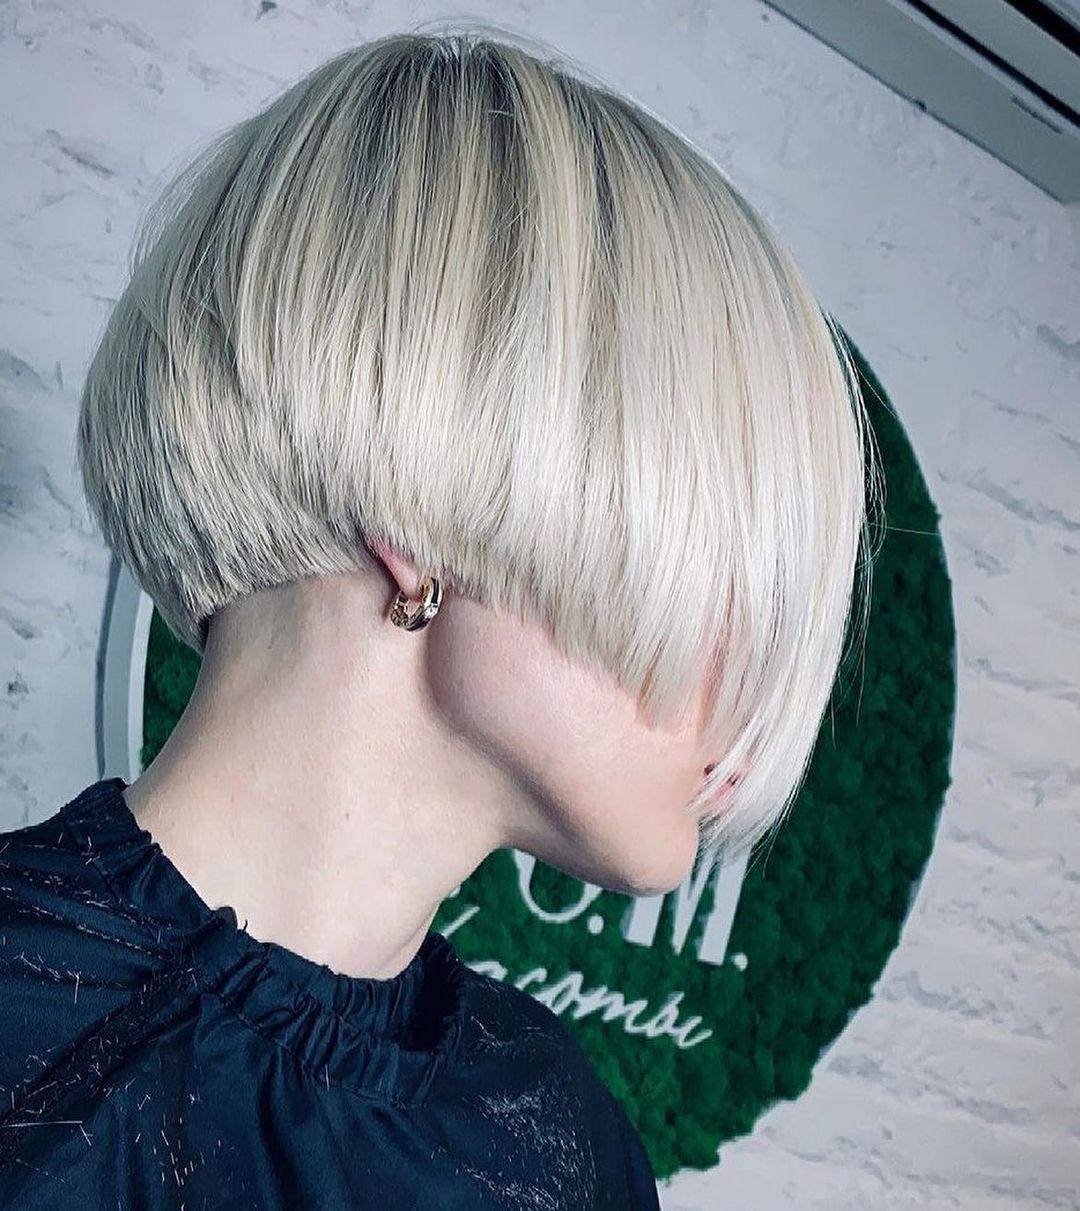 Stilvolle süße Bob-Haarschnitte mit kurzen Haaren - Frauen-Kurzhaar-Farbideen